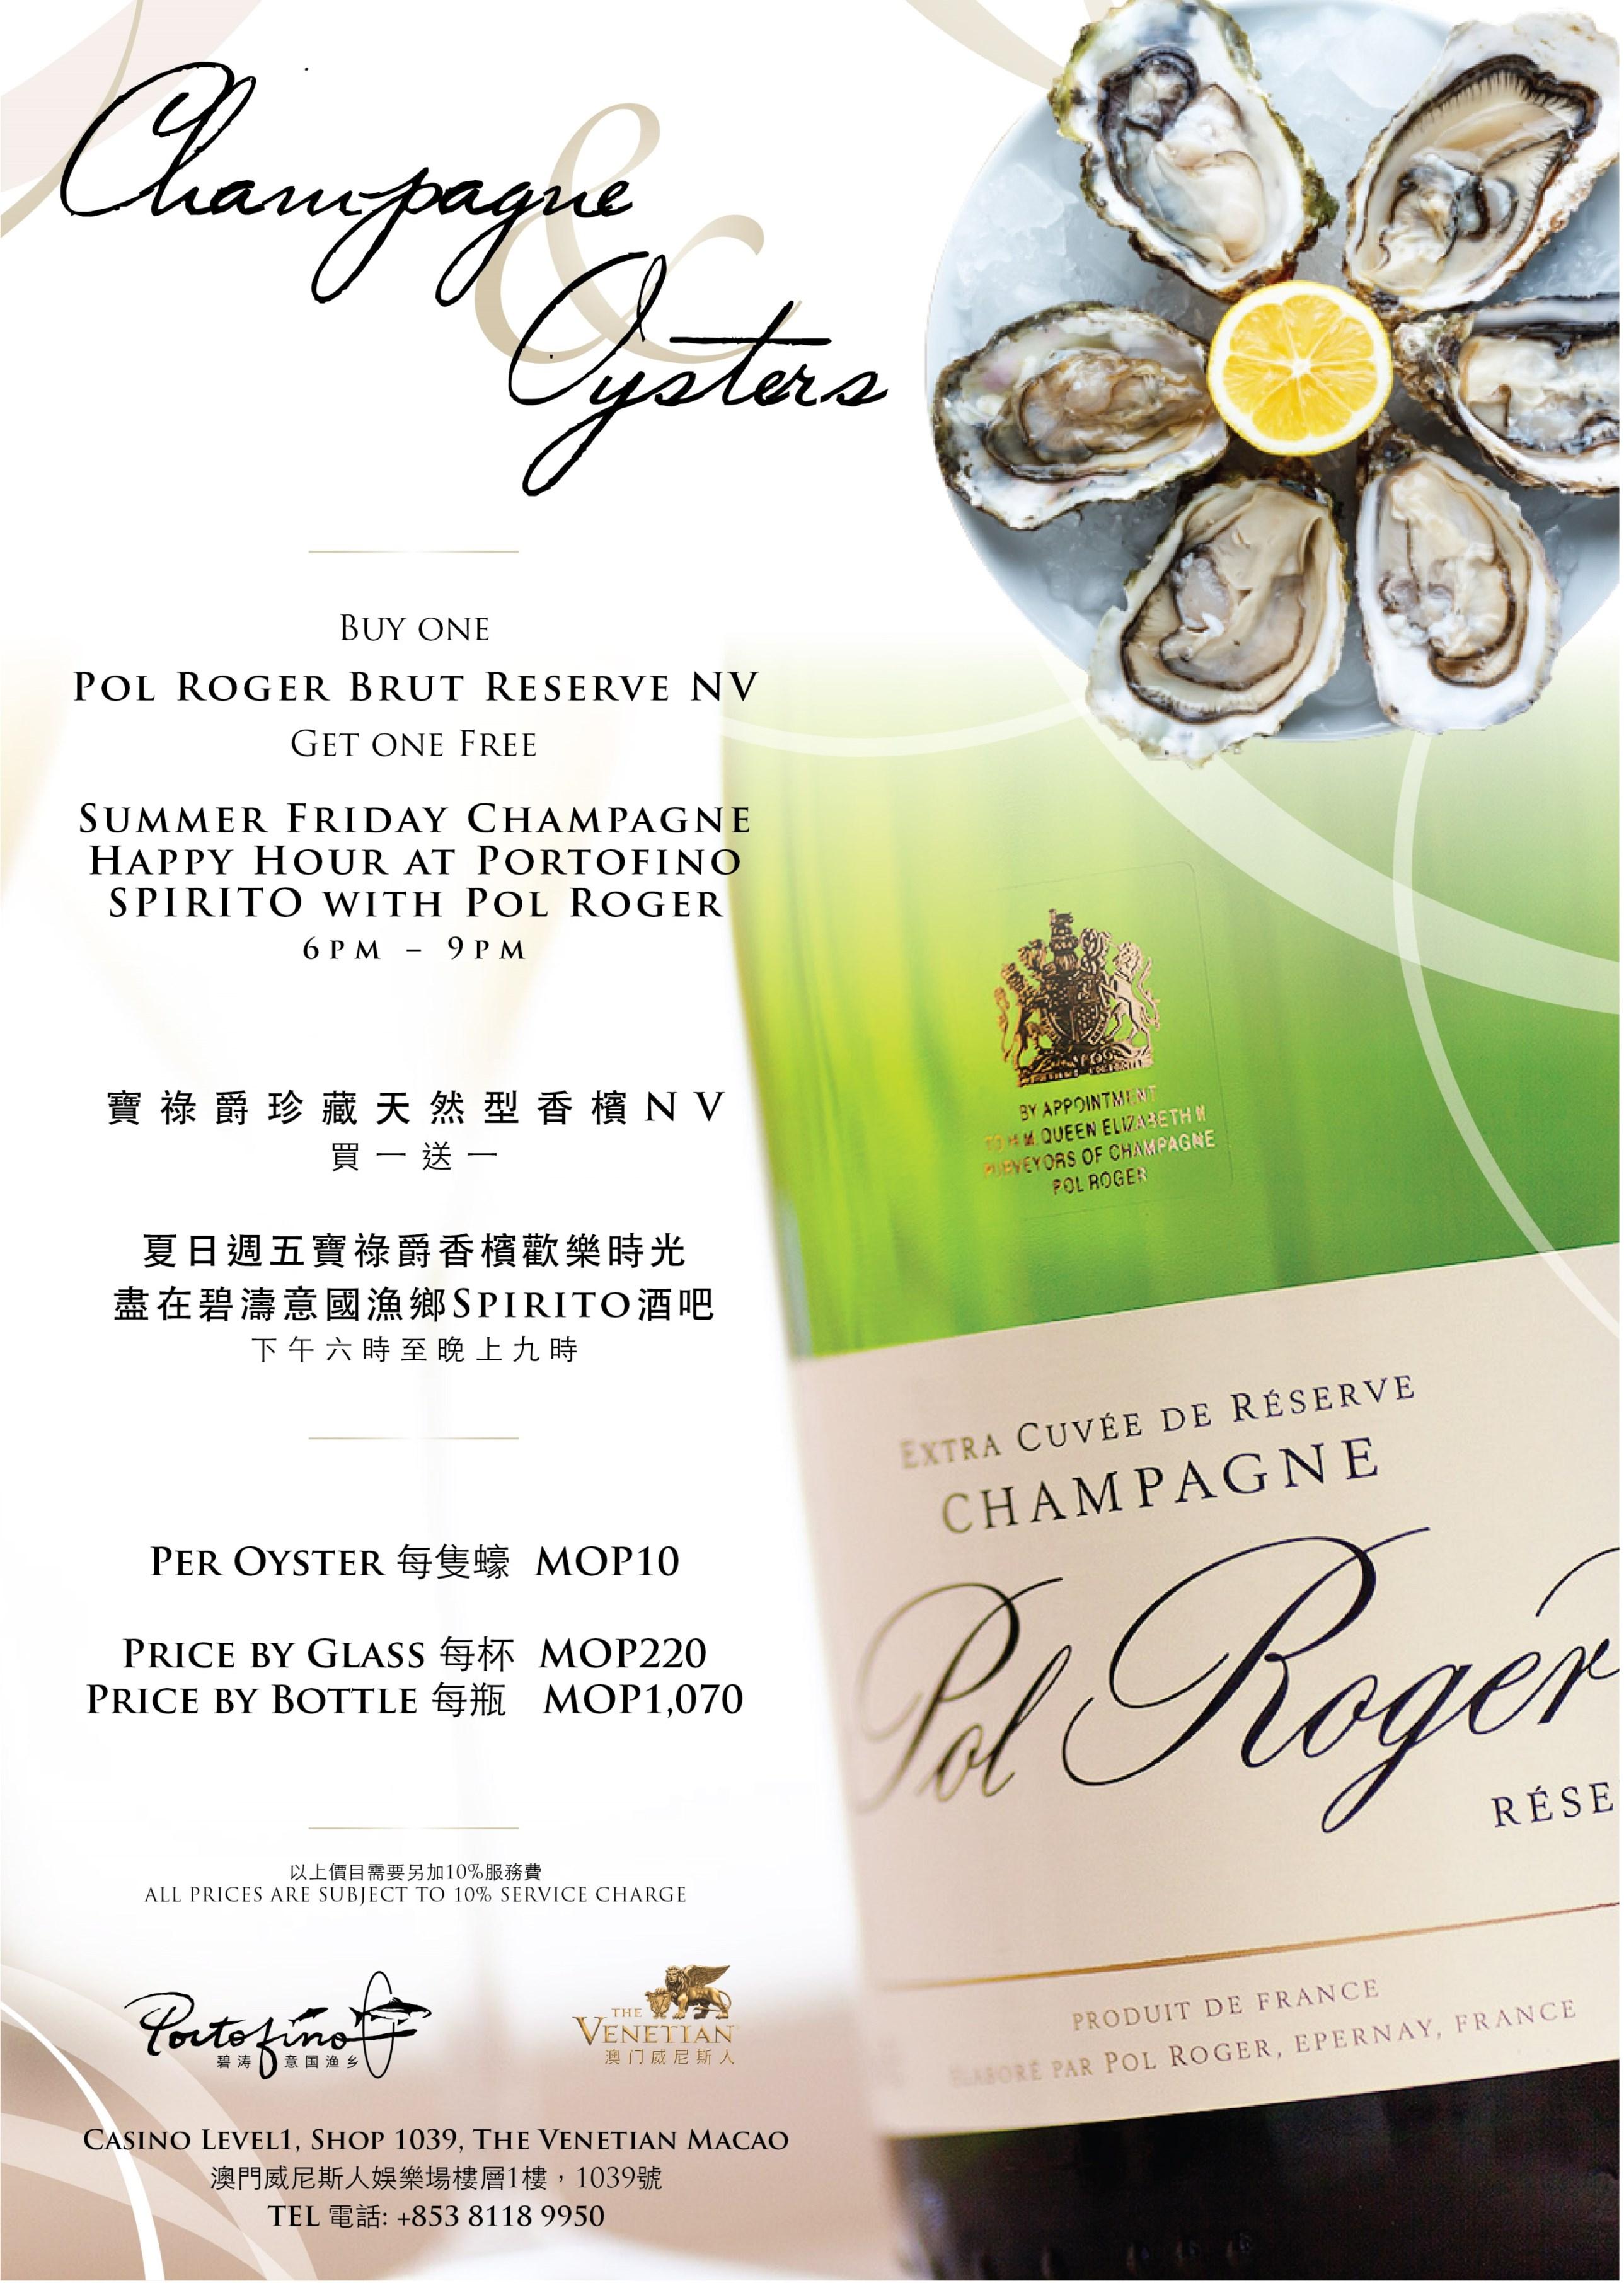 碧涛意国渔乡Spirito酒吧推出香槟欢乐时光